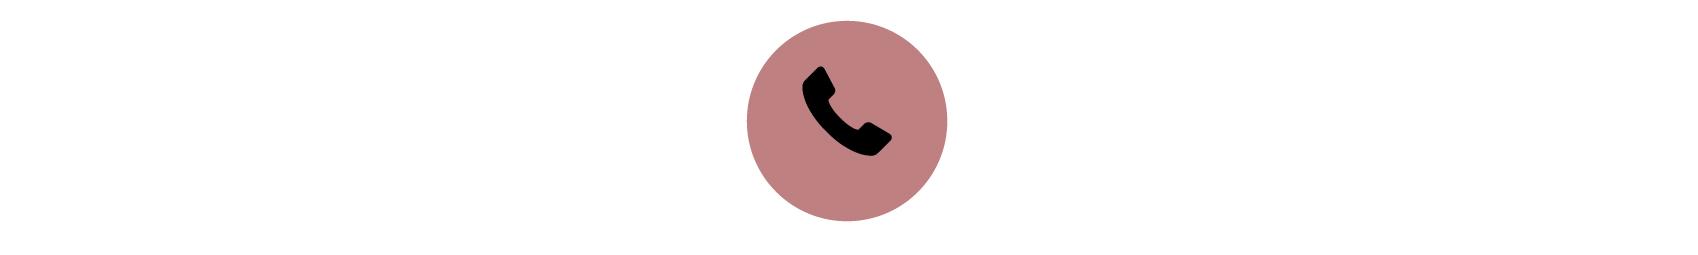 Bel meer info relatie geschenken